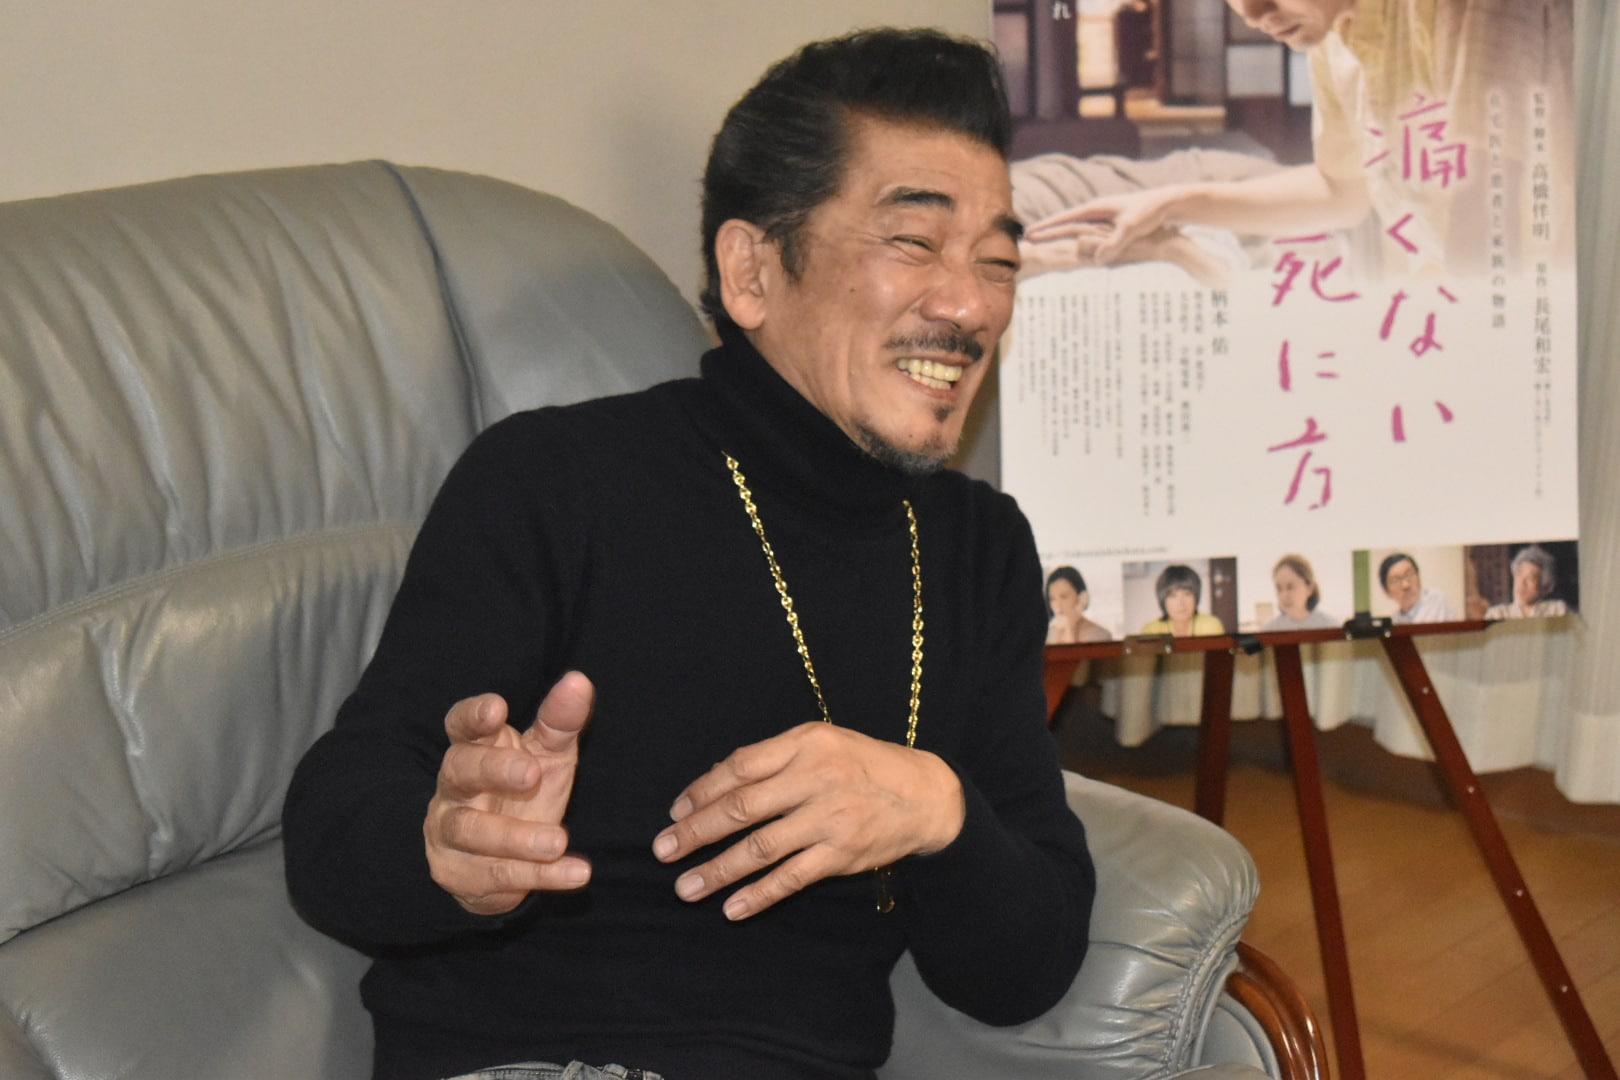 映画『痛くない死に方』高橋伴明監督、宇崎竜童インタビュー